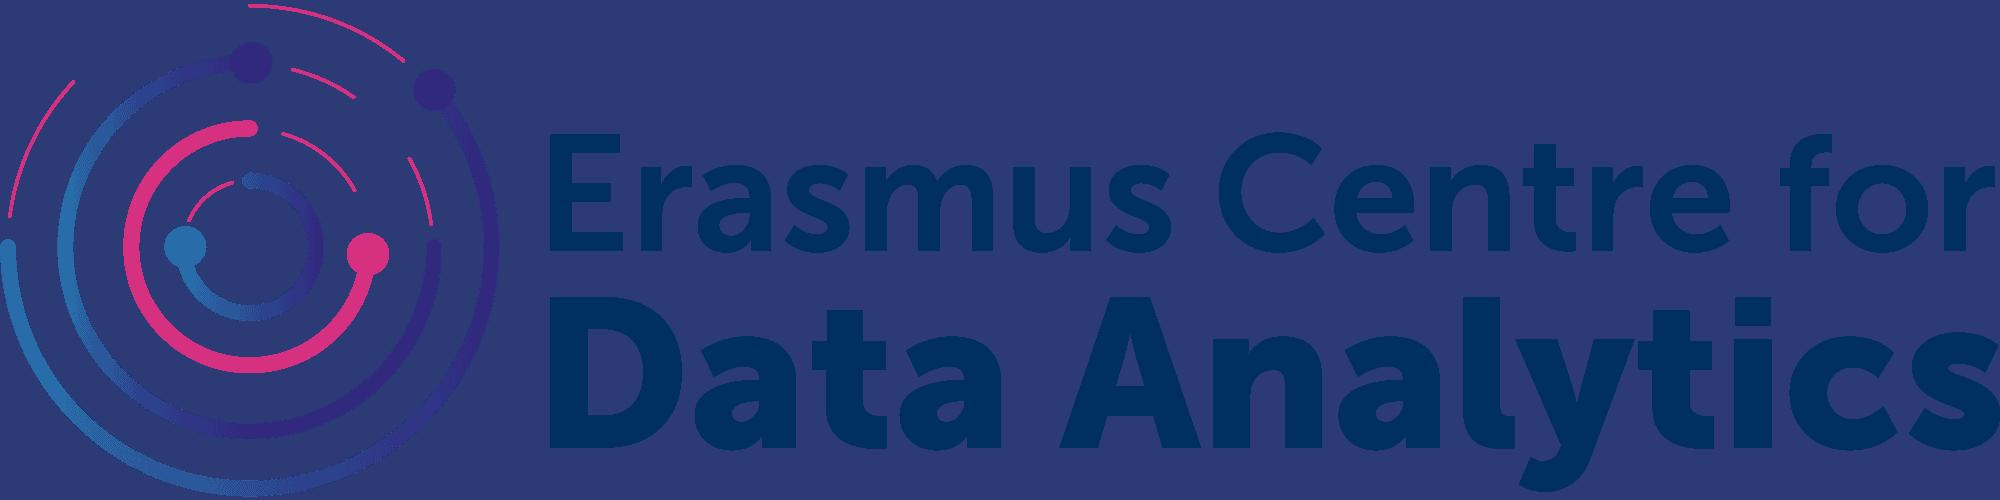 Erasmus Centre for Data Analytics